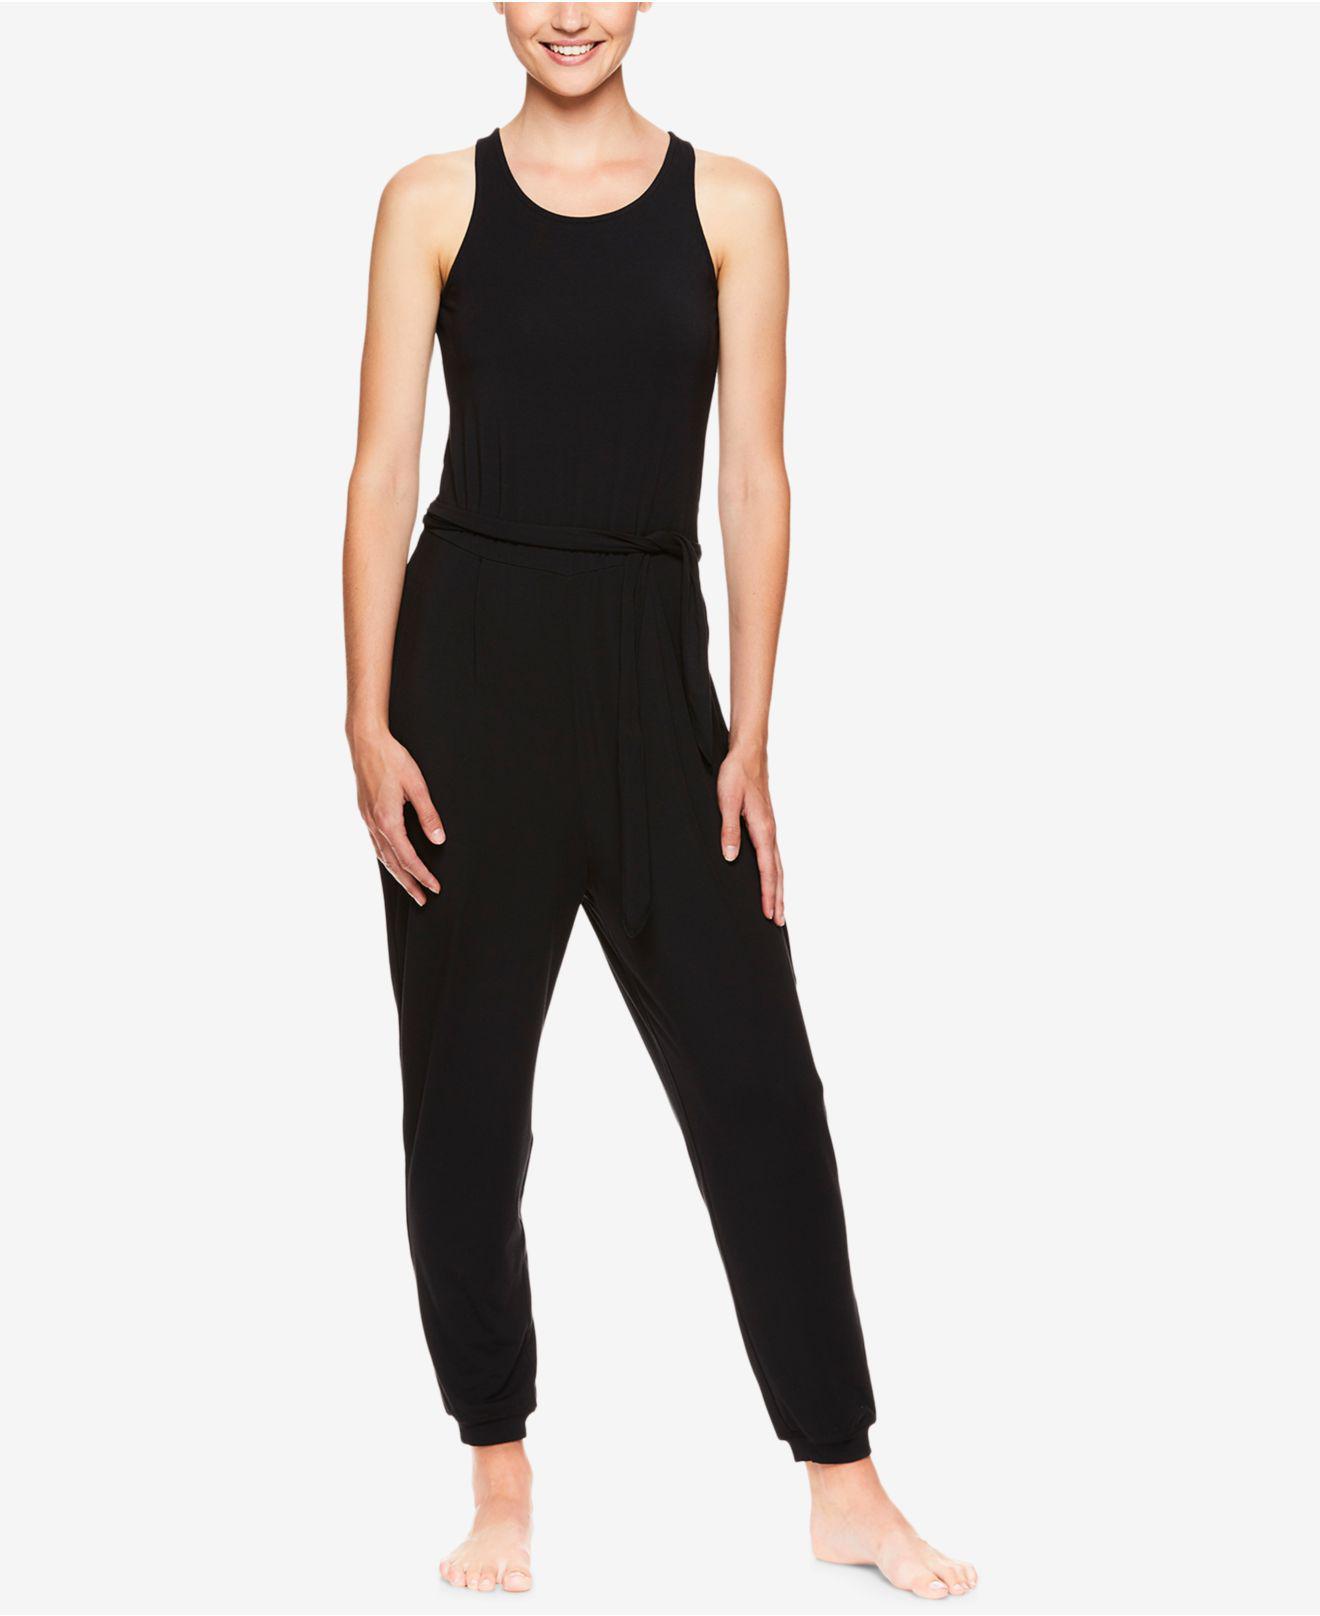 dda3f0b3d68 Lyst - Gaiam X Jessica Biel Mercer Tie Jumpsuit in Black